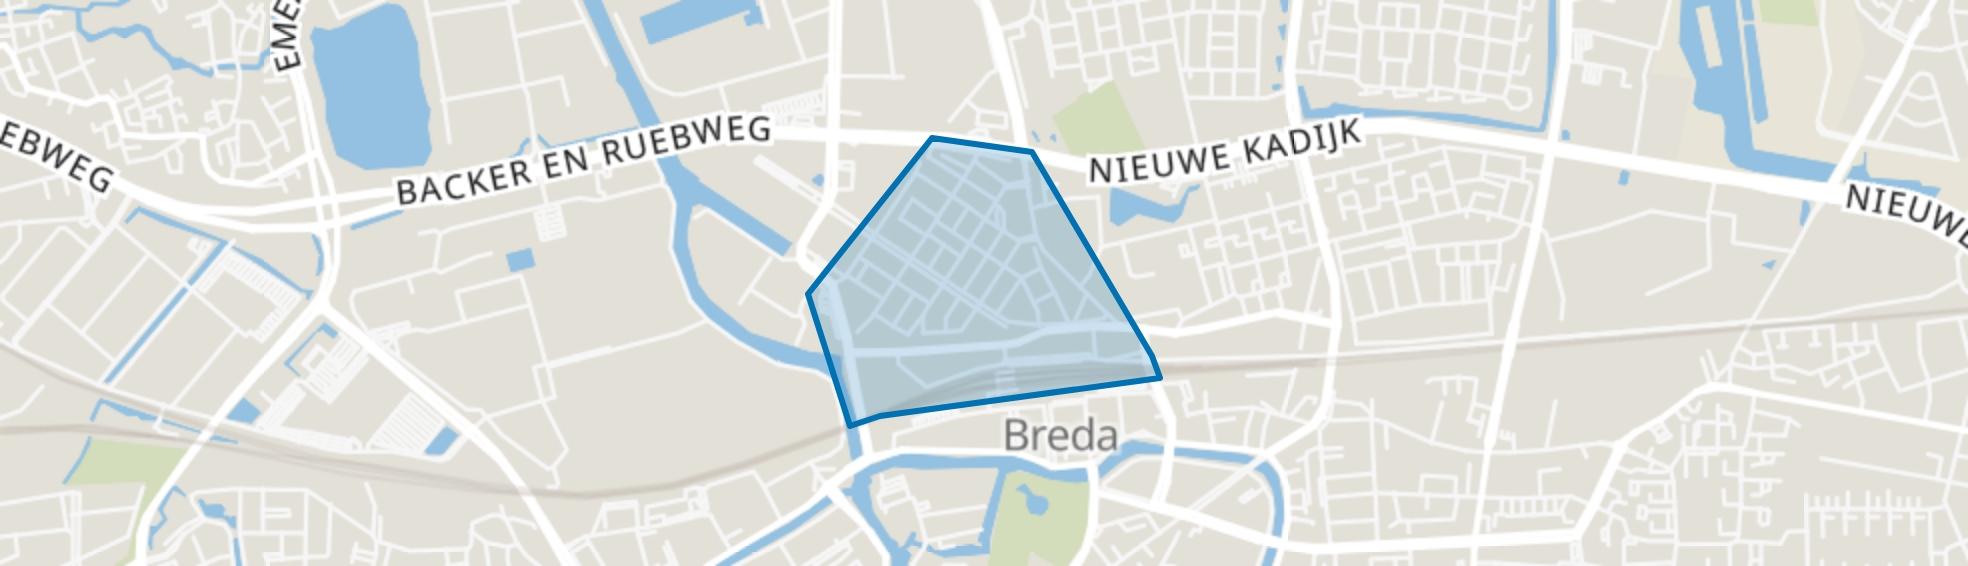 Belcrum, Breda map